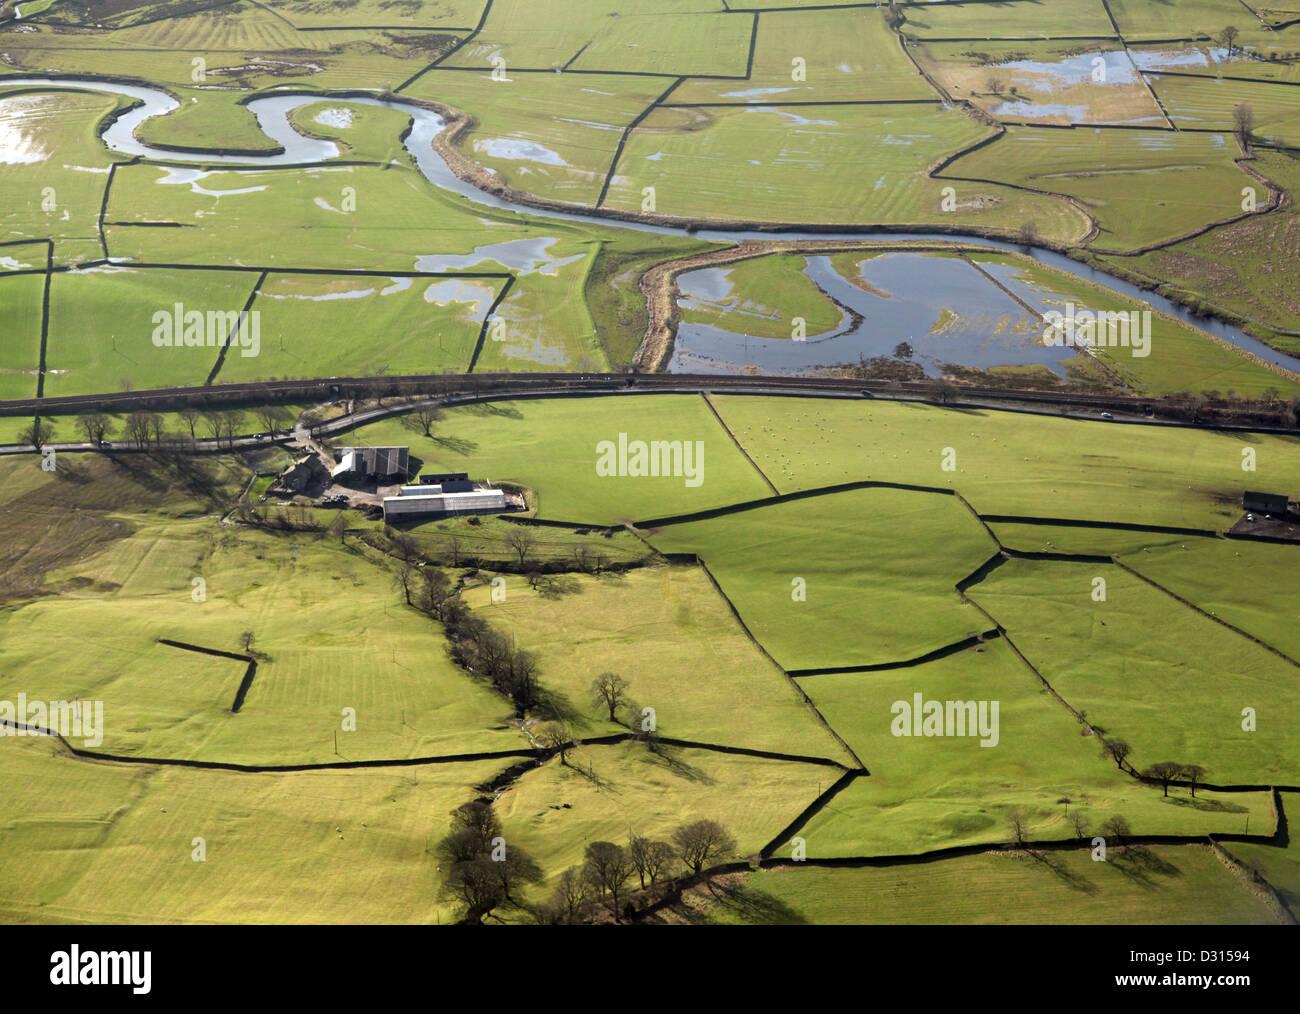 Vista aerea di muri in pietra a secco e il tipico paesaggio inglese Immagini Stock